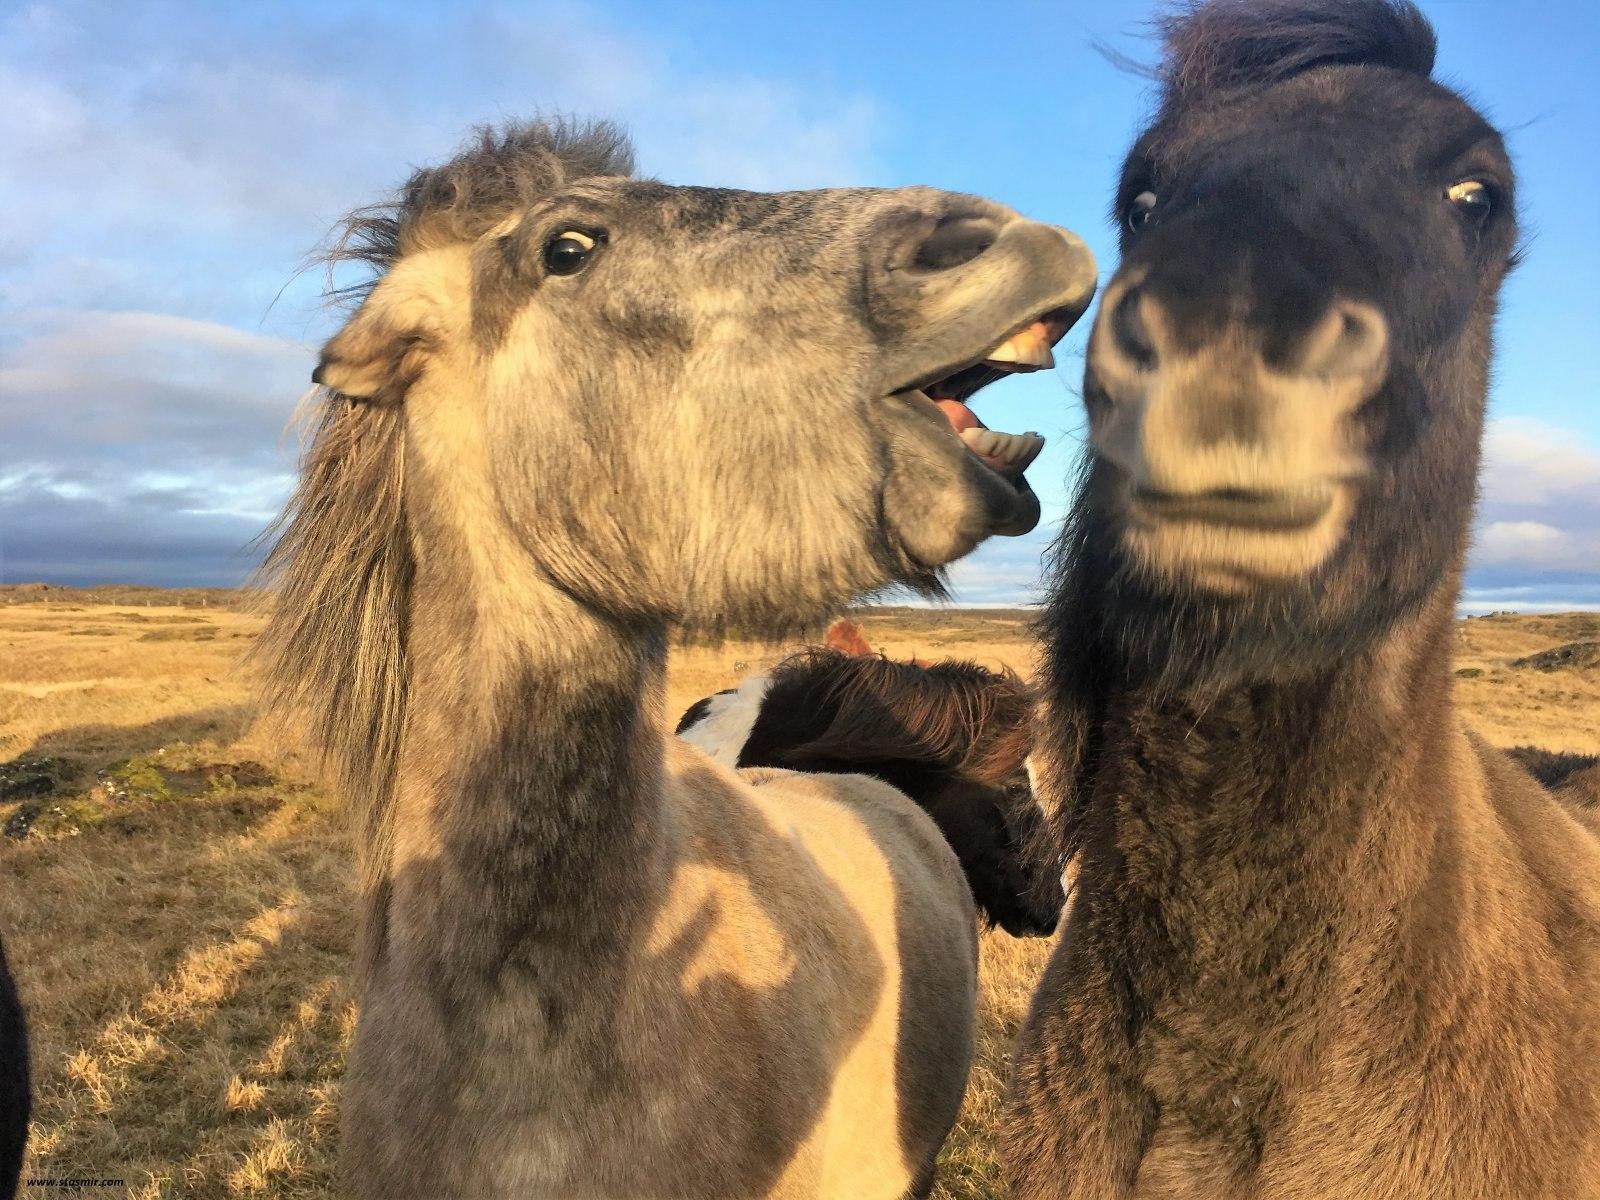 Исландские лошадки спорят о выборах в США, фото Стасмир, photo Stasmir